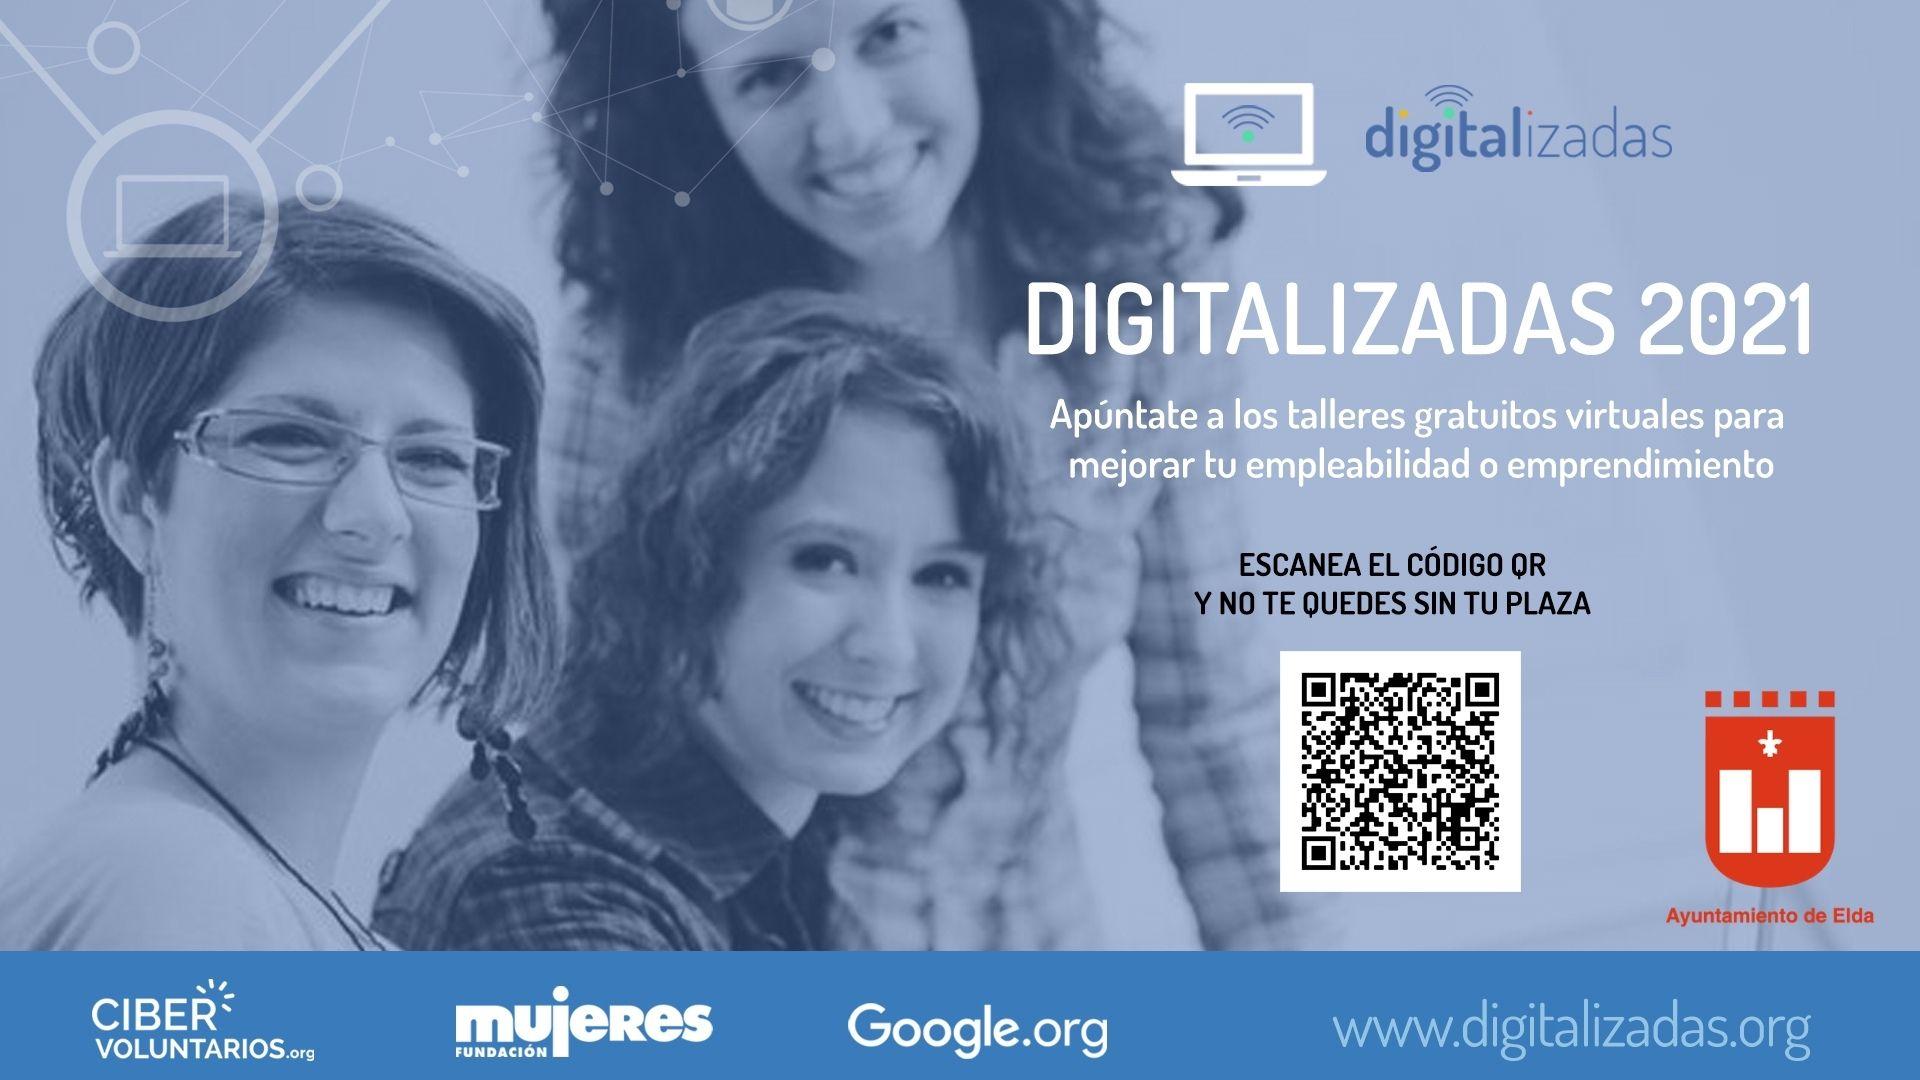 La Concejalía de Igualdad ofrecerá en enero dos talleres online para mejorar las habilidades digitales y el autoempleo femenino en Elda